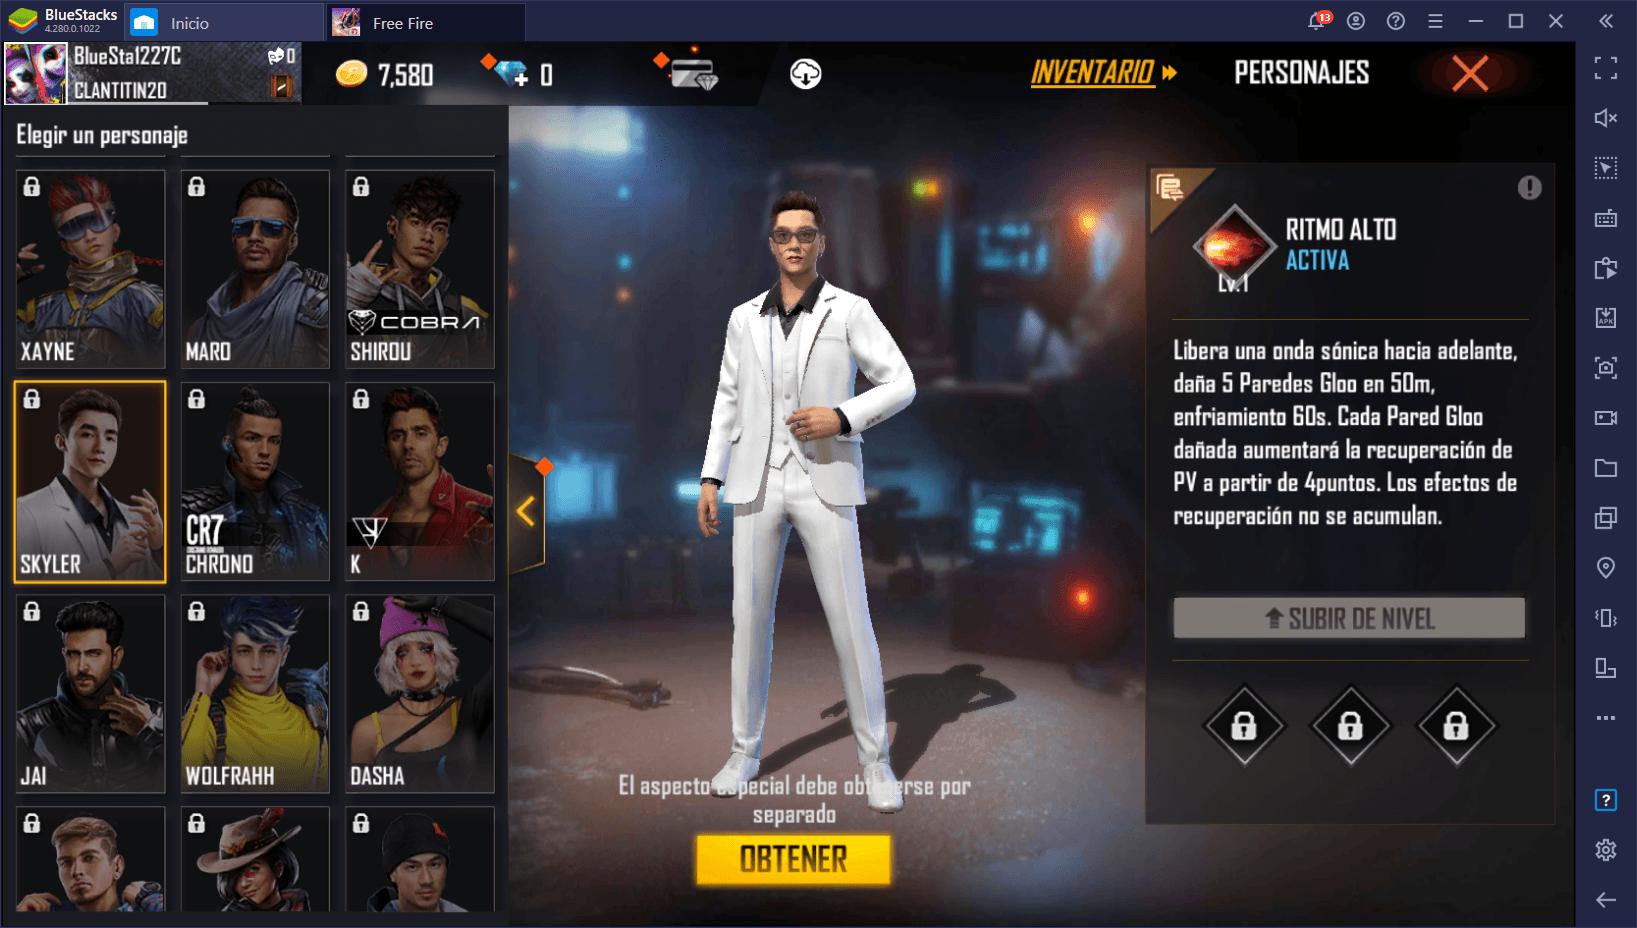 Garena Free Fire – Los Mejores Personajes del Juego (Mayo 2021)